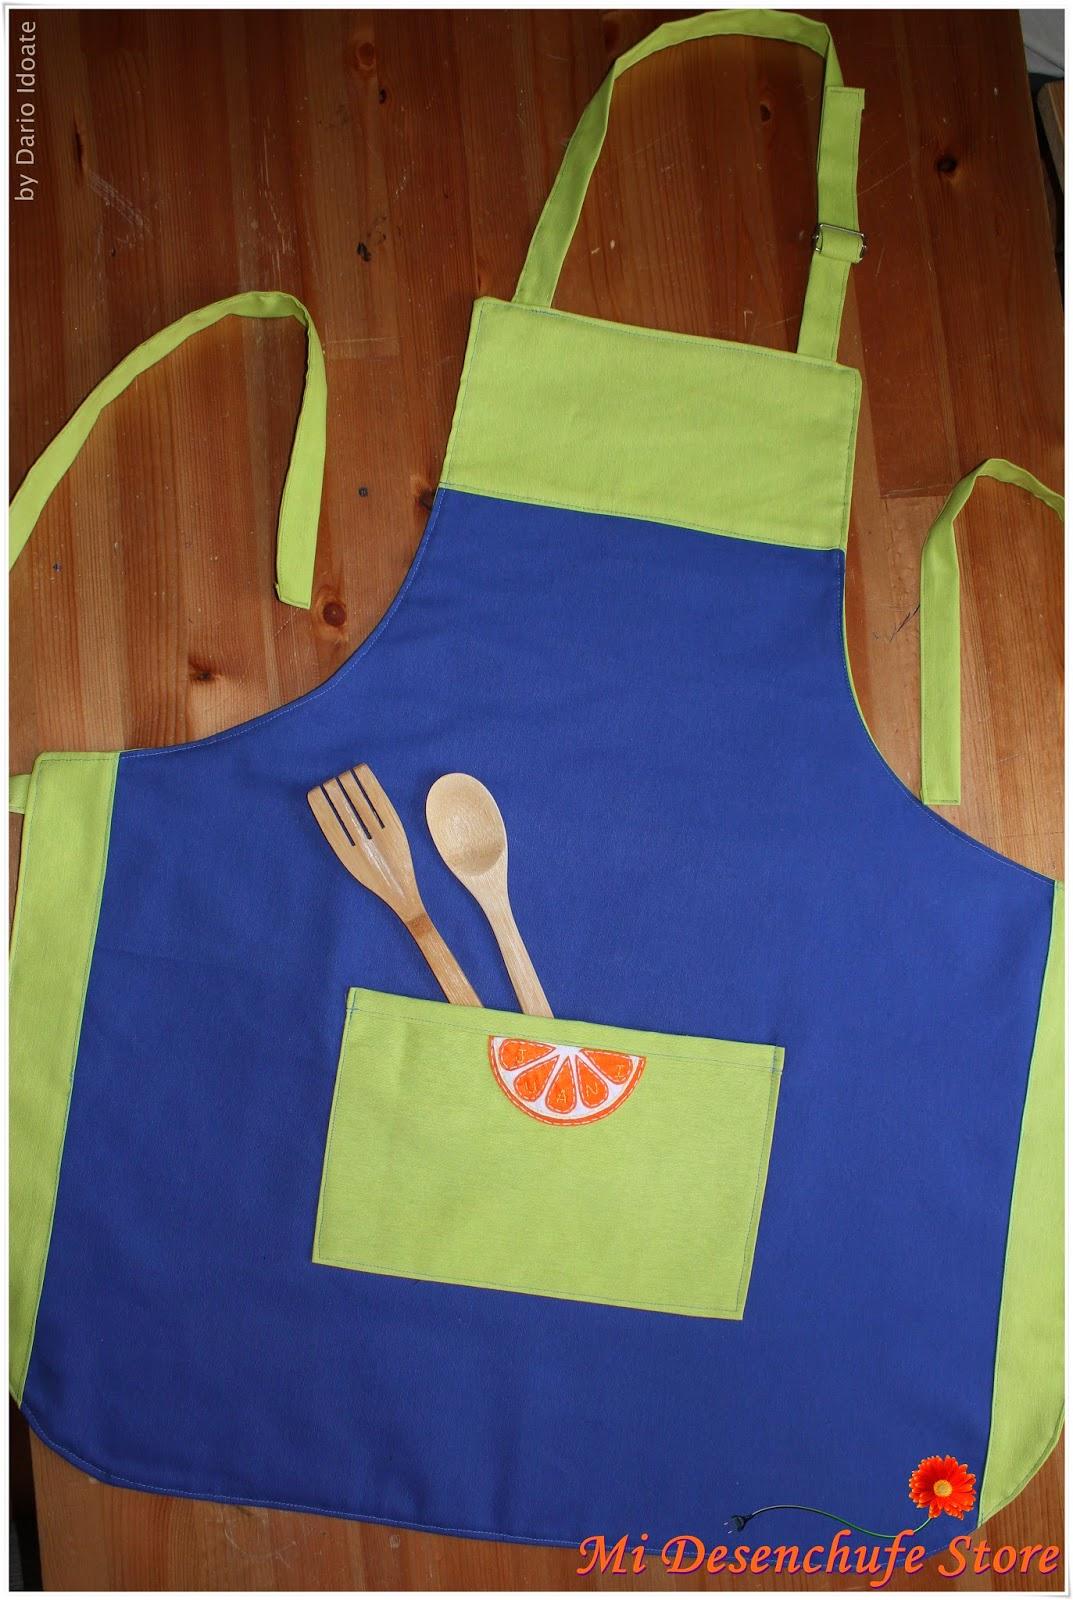 Mi desenchufe store delantal cocina va de frutas - Modelos de delantales de cocina ...